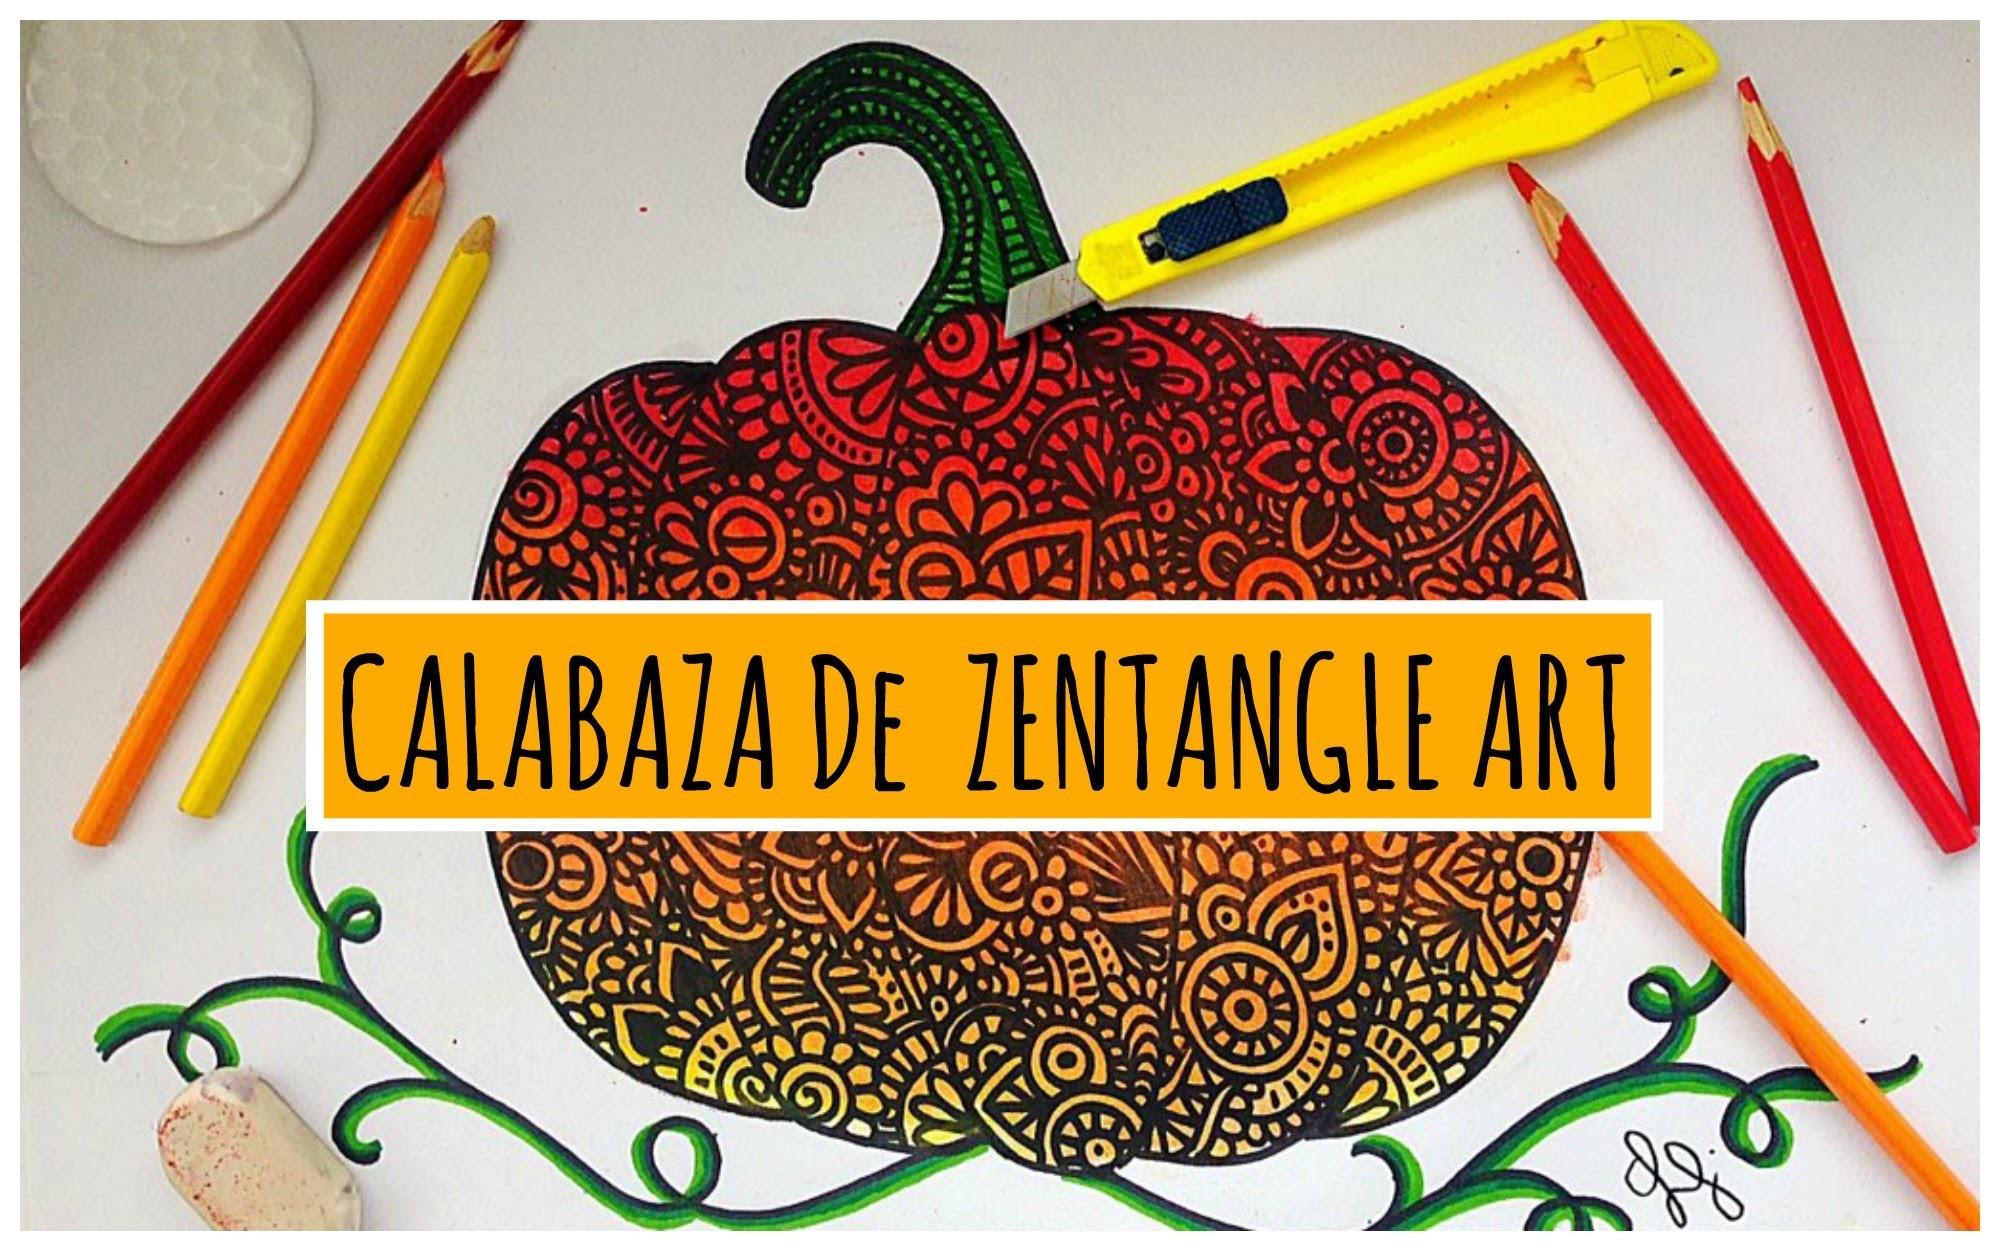 Calabaza de Zentangle Art